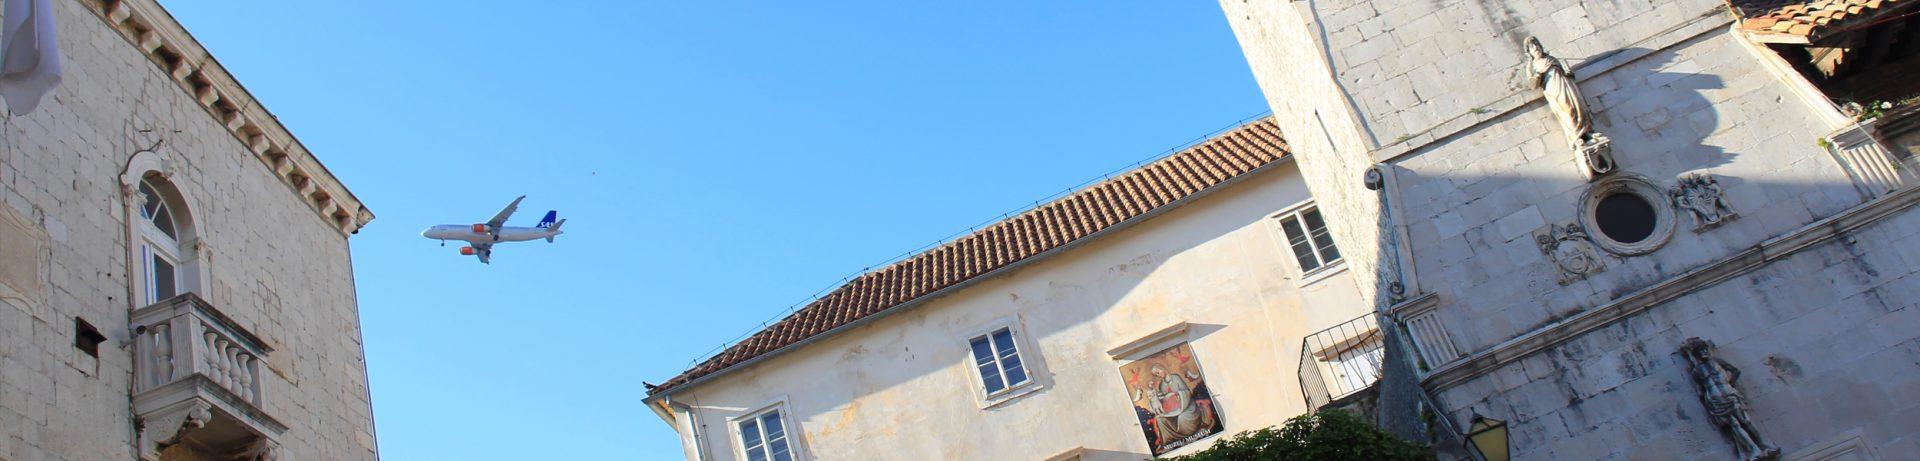 Przewodnik po Trogirze - Loggia i wieża zegarowa